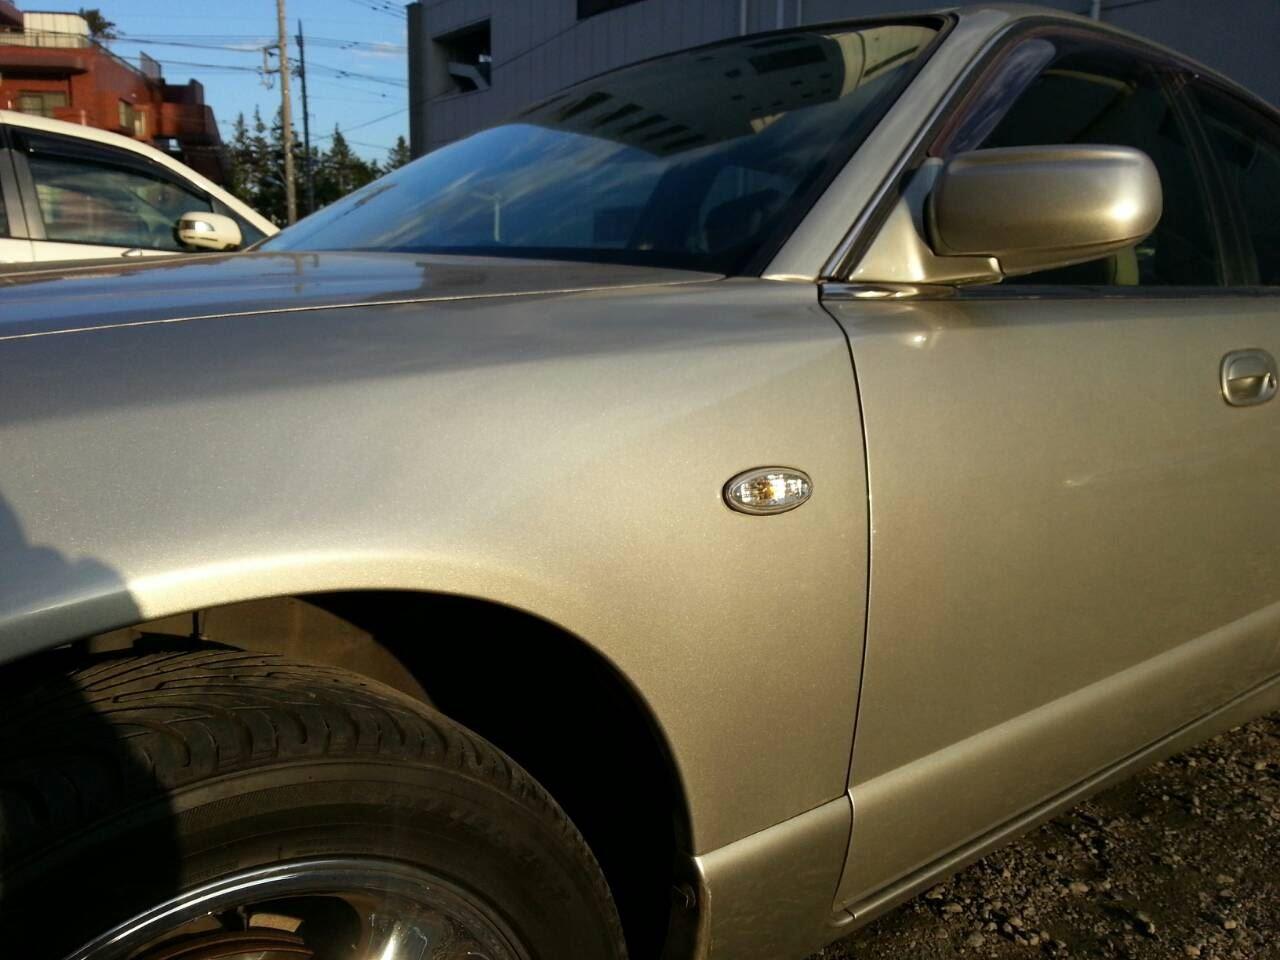 東京都立川市の車の板金塗装修理工場 ガレージローライドのマツダ ミレーニアの カスタム 加工 塗装 です。